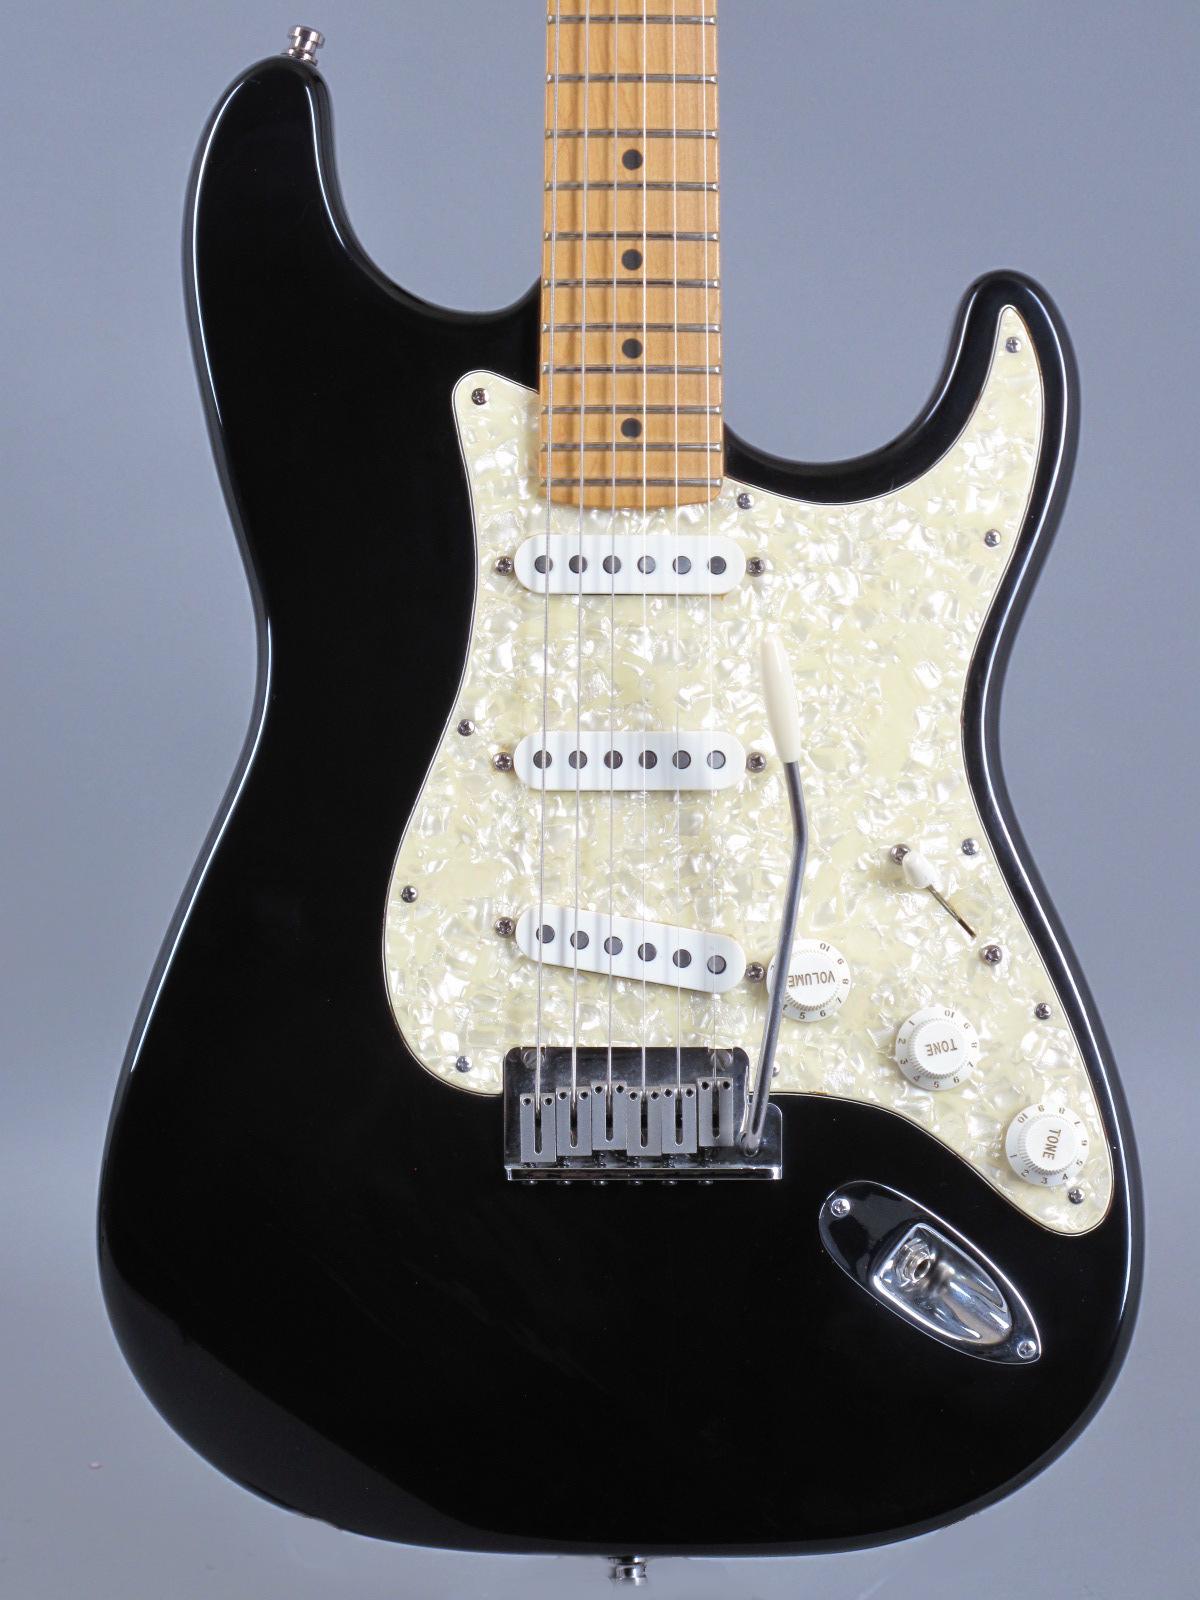 1997 Fender Stratocaster - Black